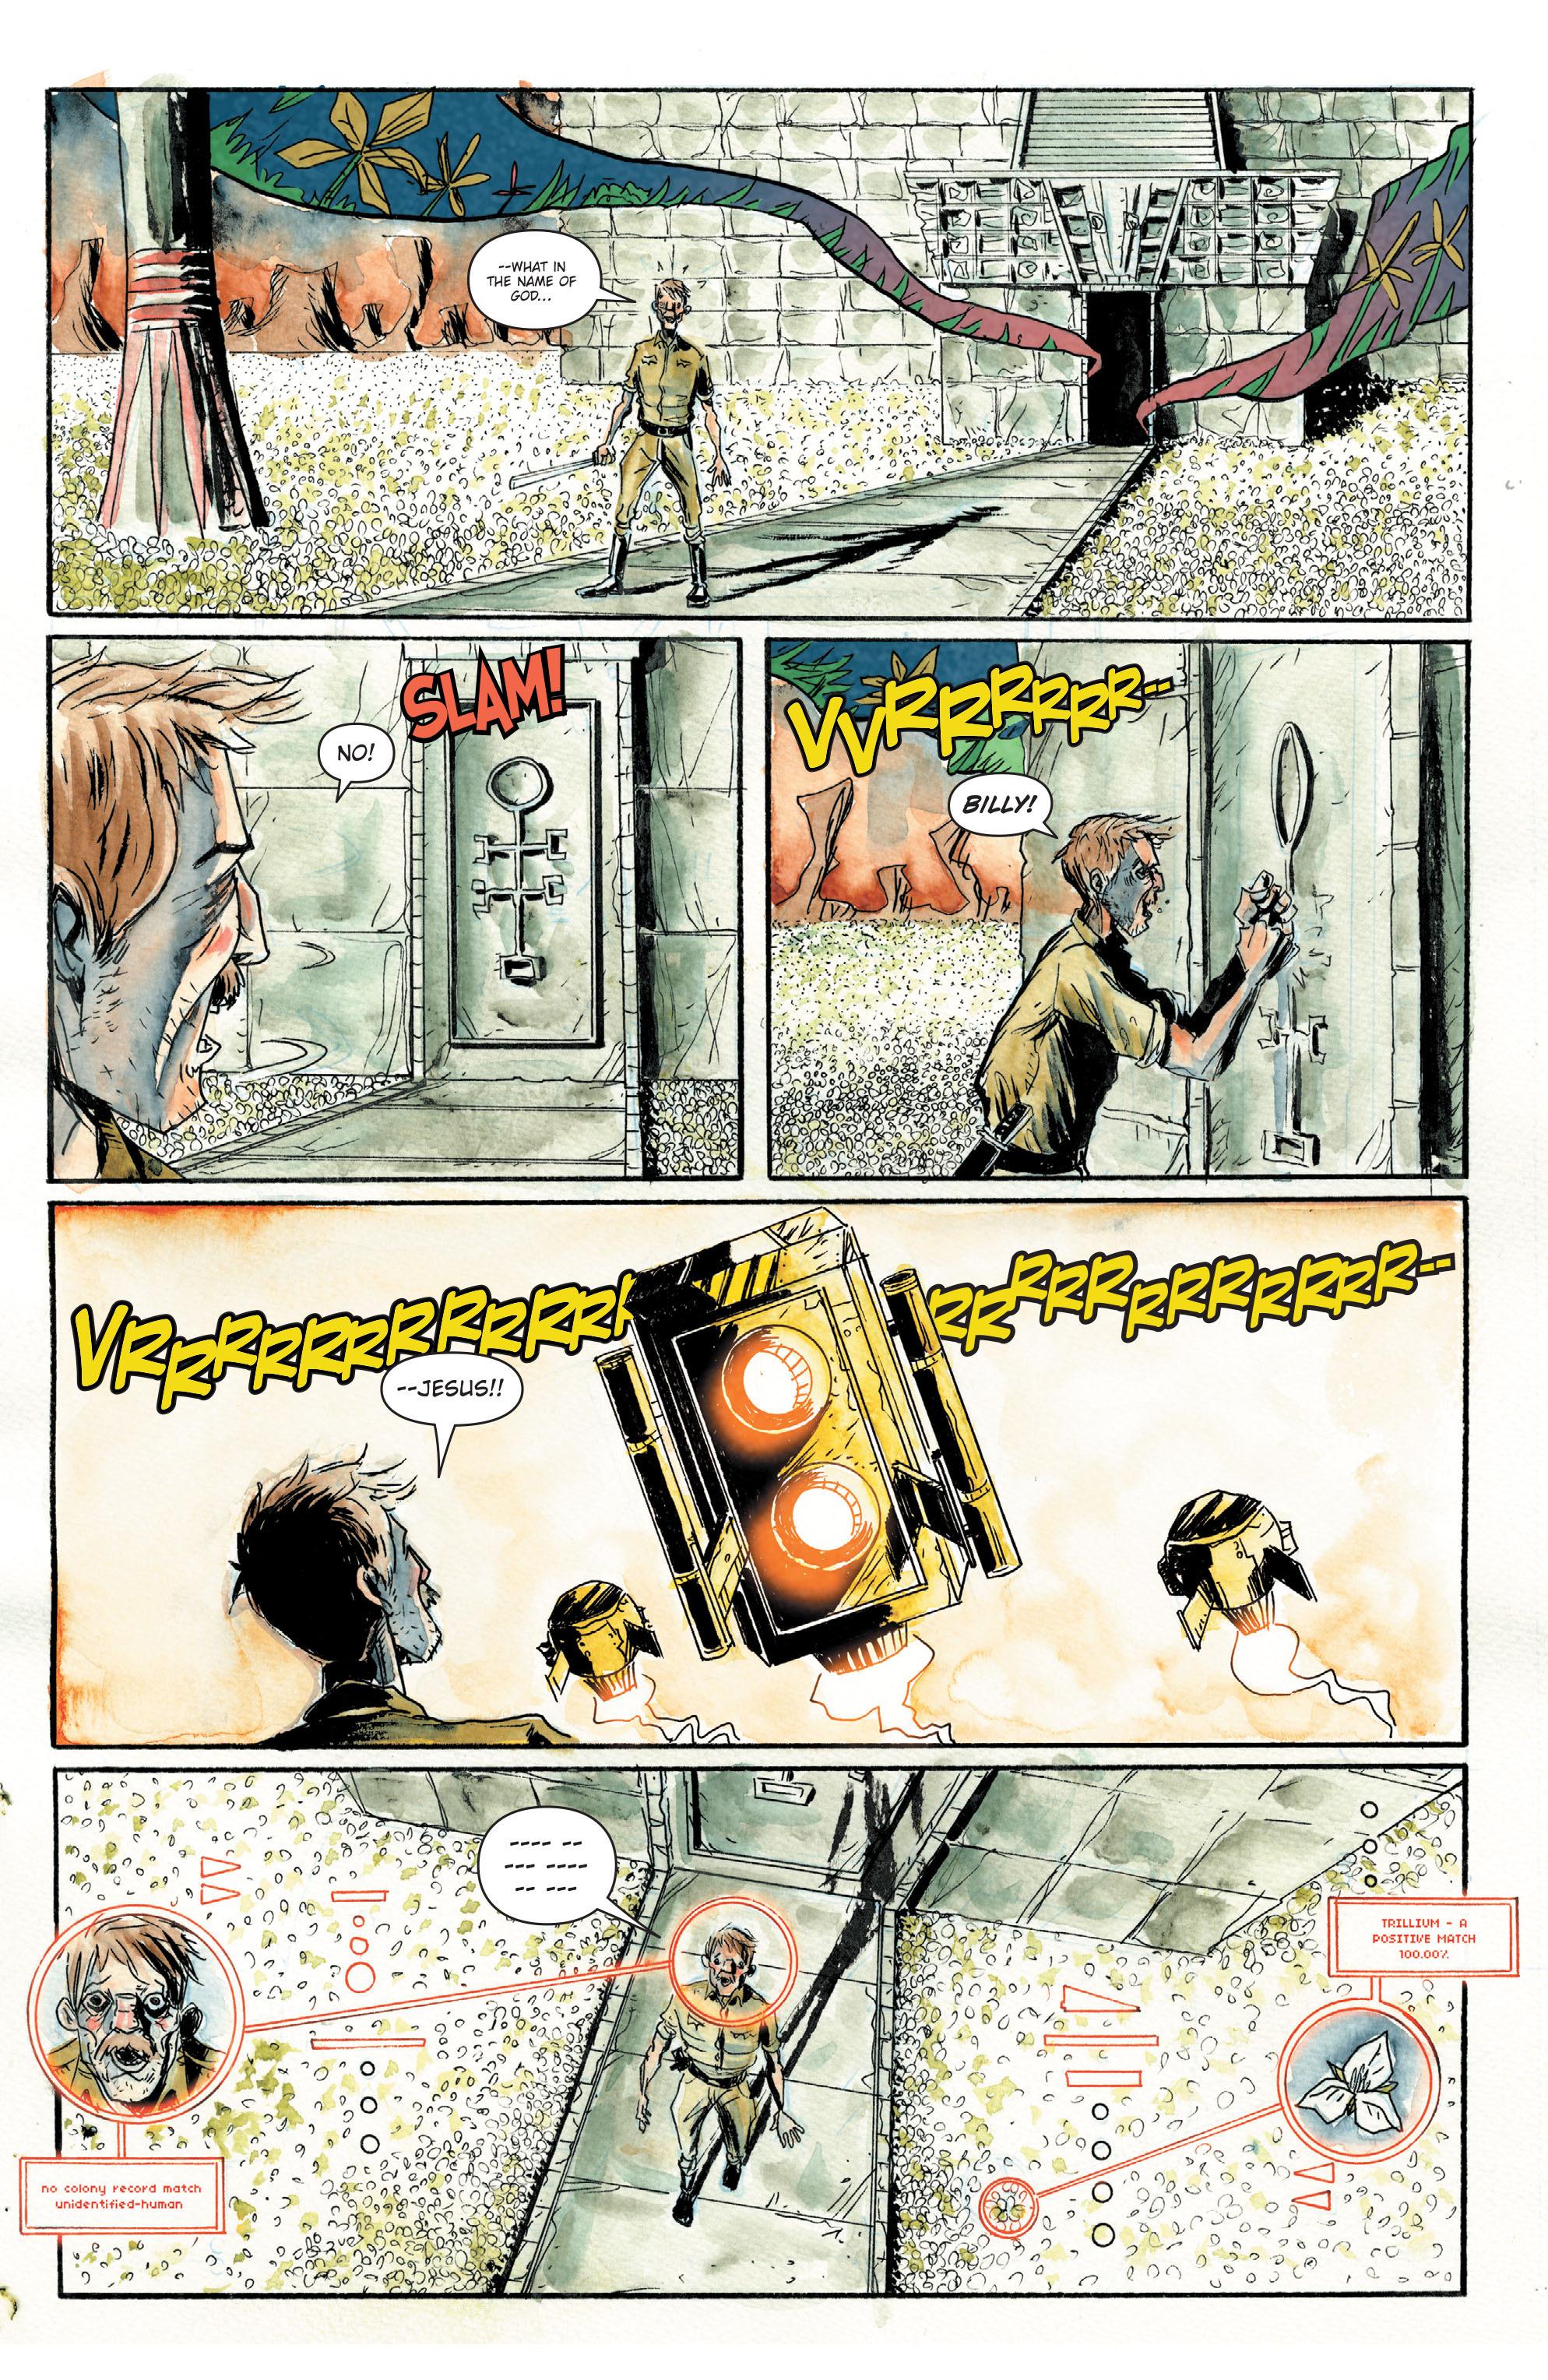 Read online Trillium comic -  Issue # TPB - 79